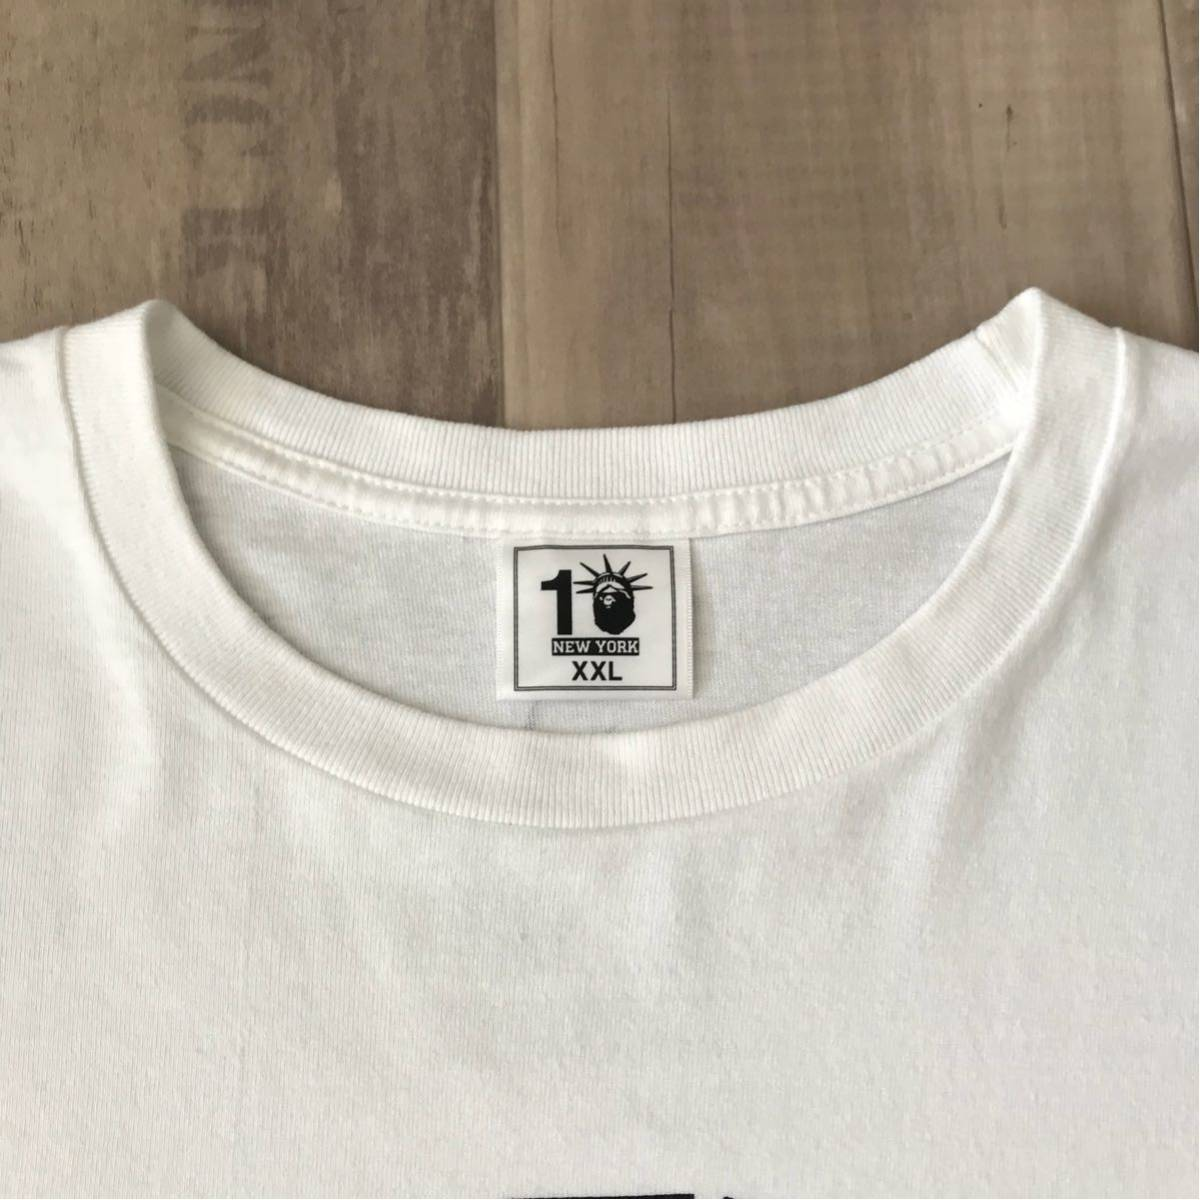 ★激レア★ futura NYC 10th カレッジロゴ 長袖 Tシャツ XXL a bathing ape bape NY ニューヨーク 10周年 エイプ ベイプ college logo 2XL